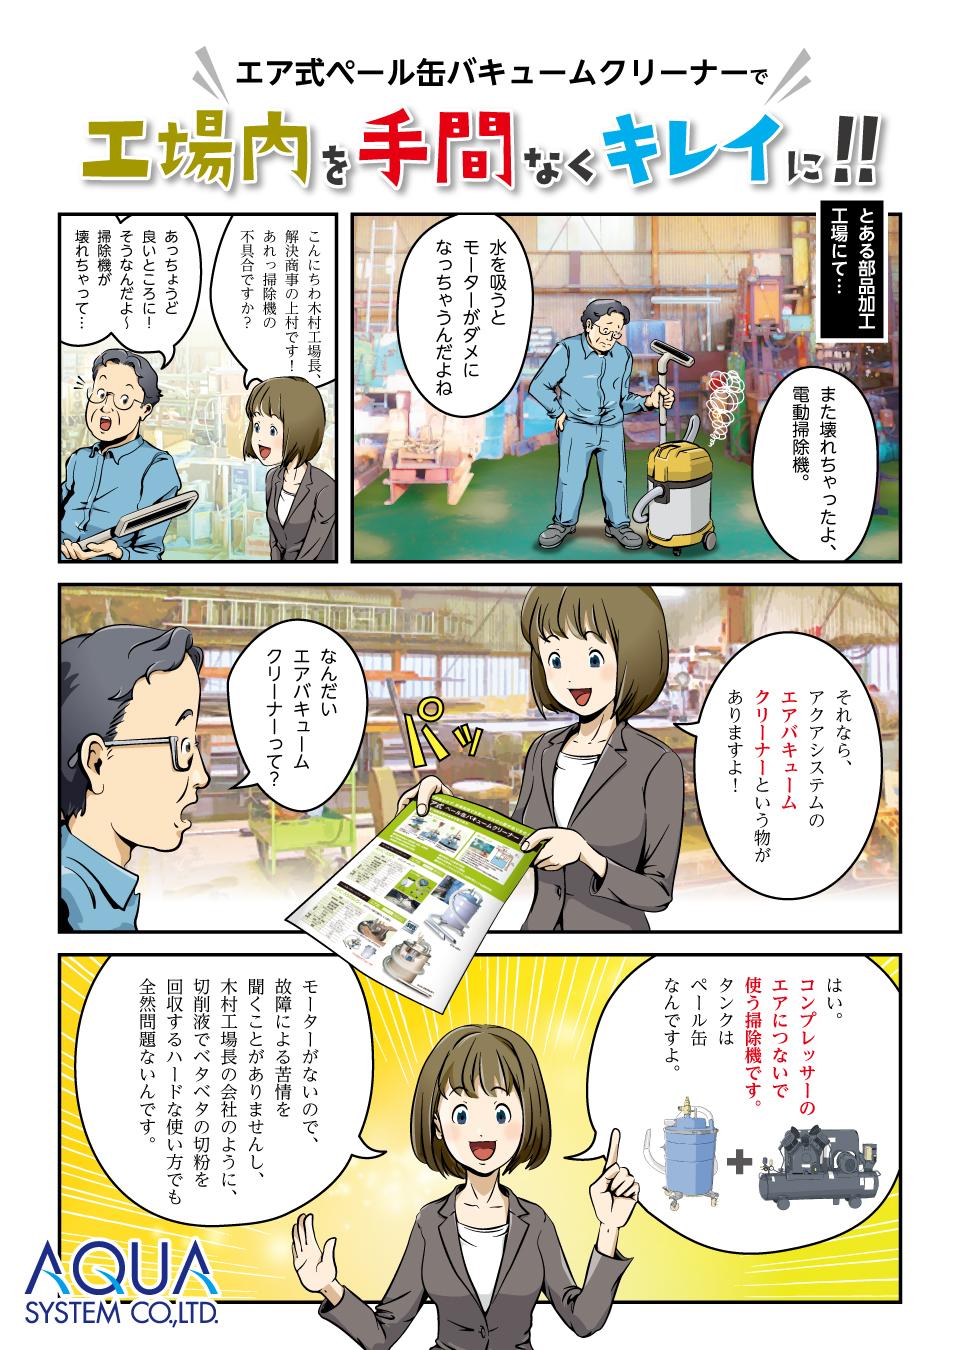 バキュームクリーナー漫画1ぺージ